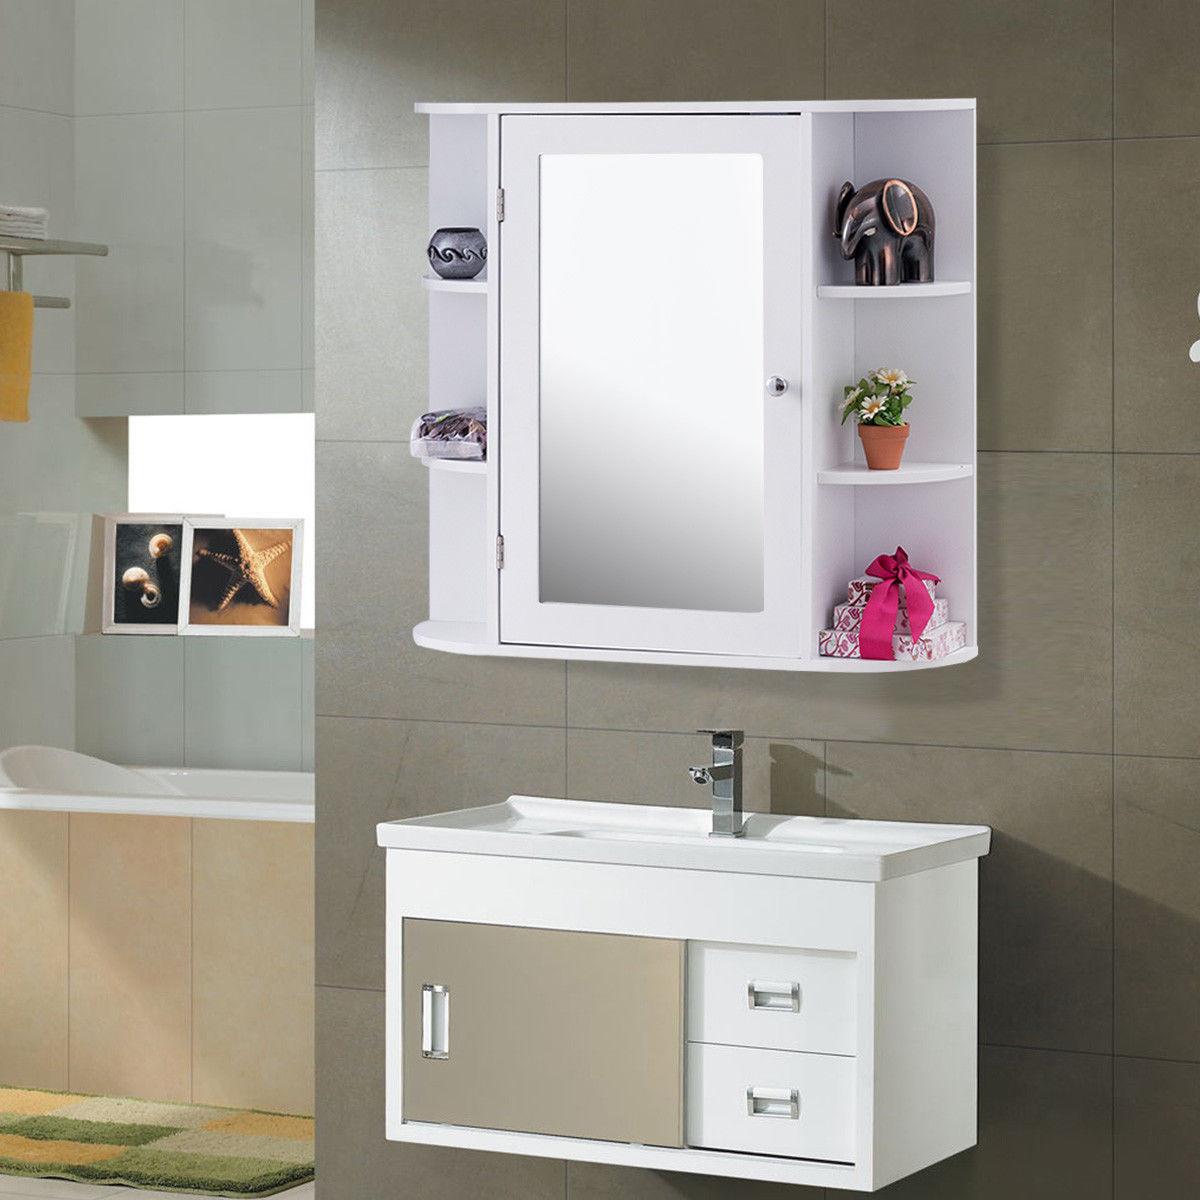 Fullsize Of White Wood Bathroom Shelves